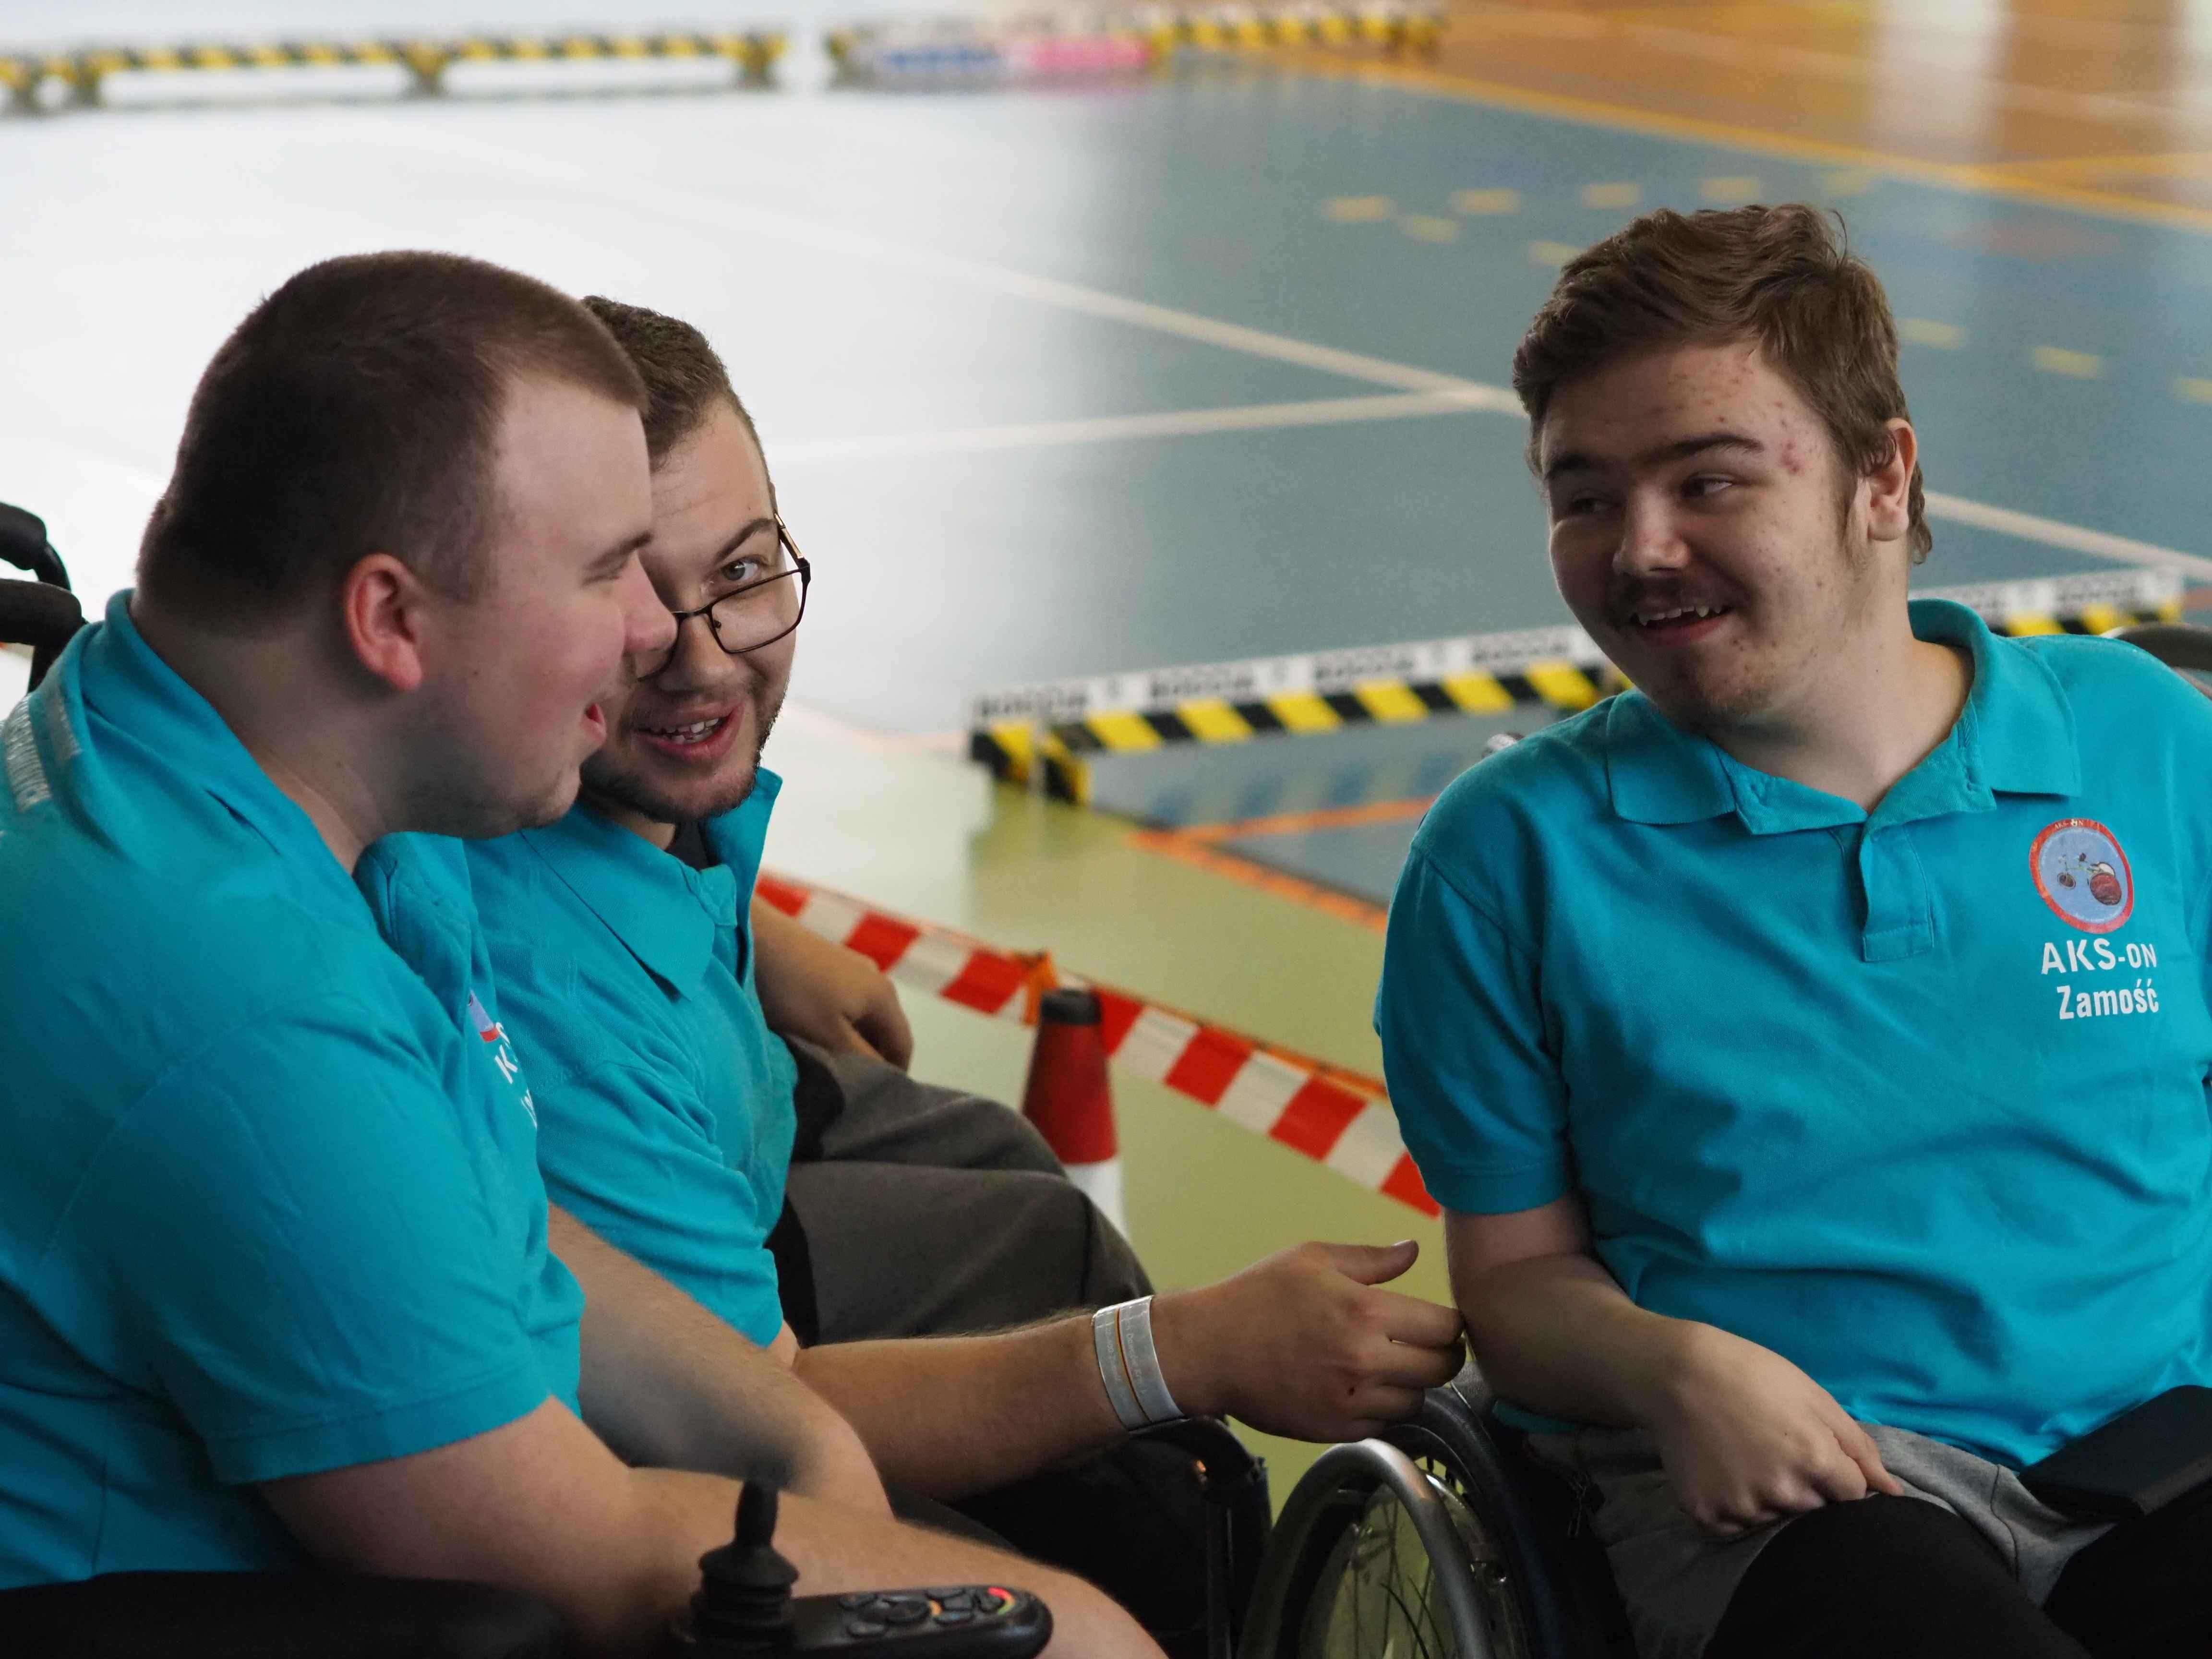 AKS-ON                                                                         Aktywny Klub Sportowy Osób Niepełnosprawnych